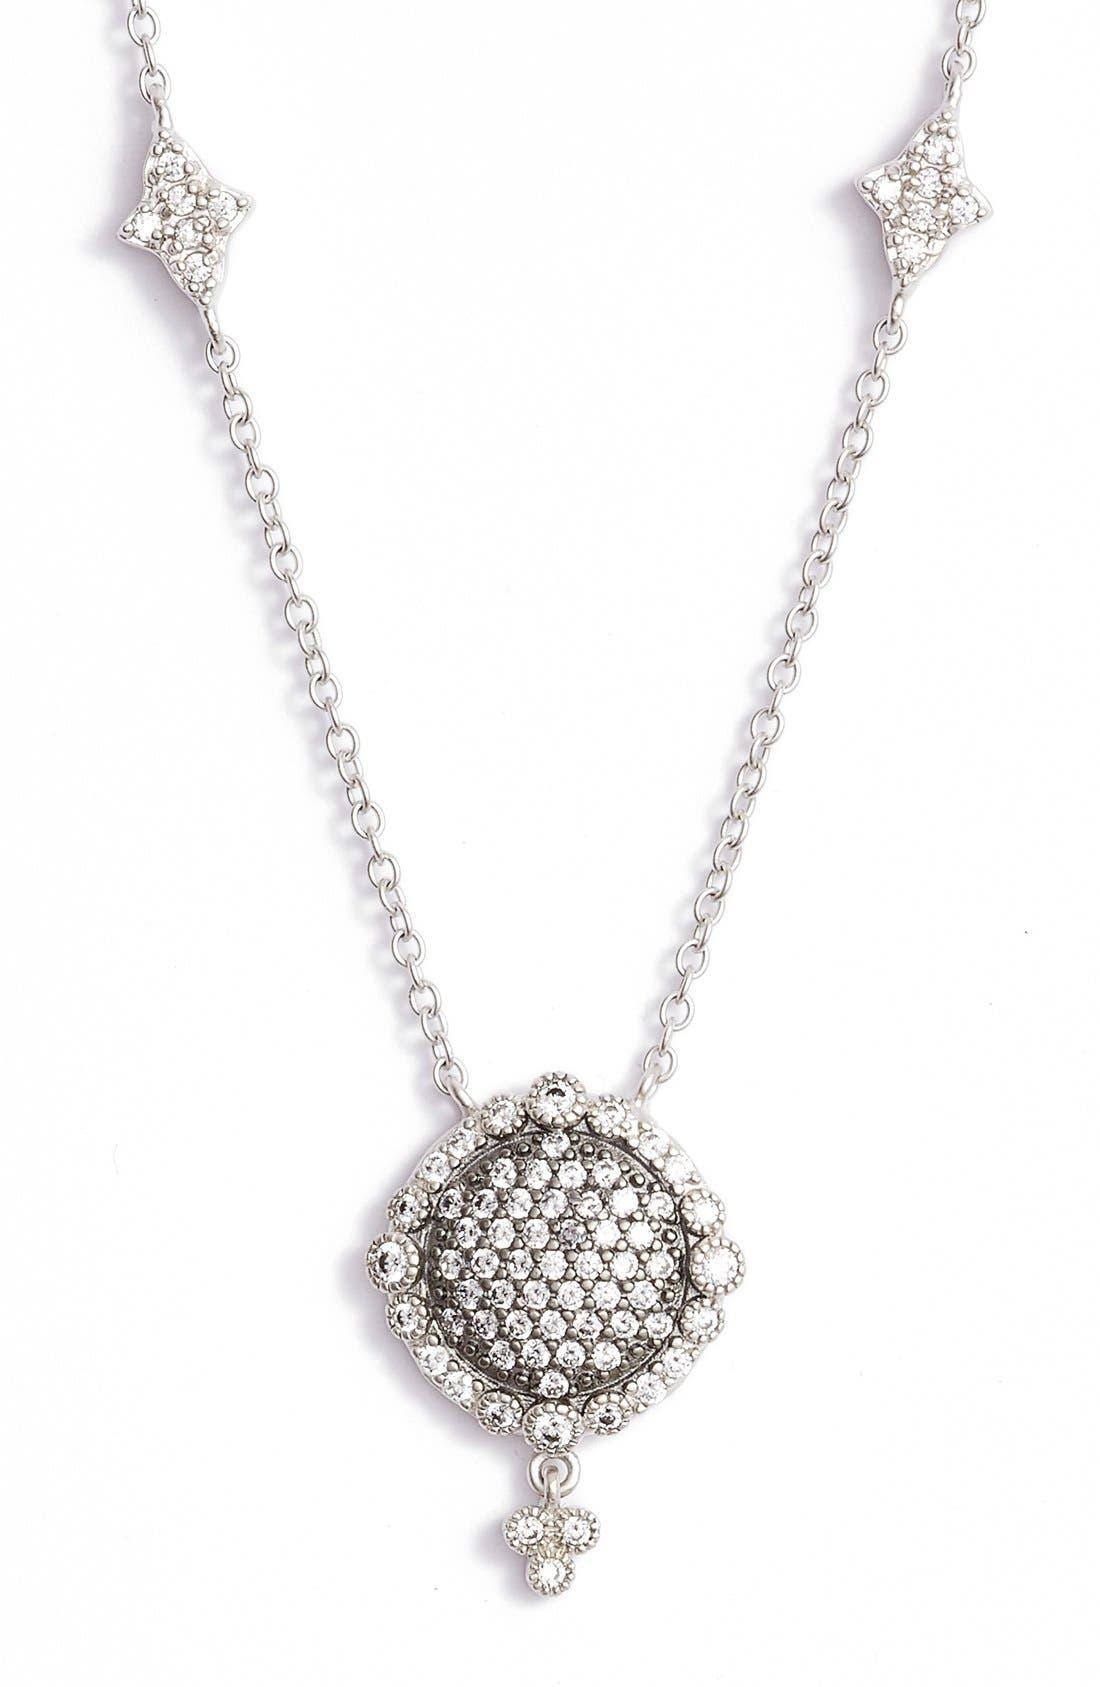 Disc Pendant Necklace,                         Main,                         color, Rhodium/ Black Rhodium